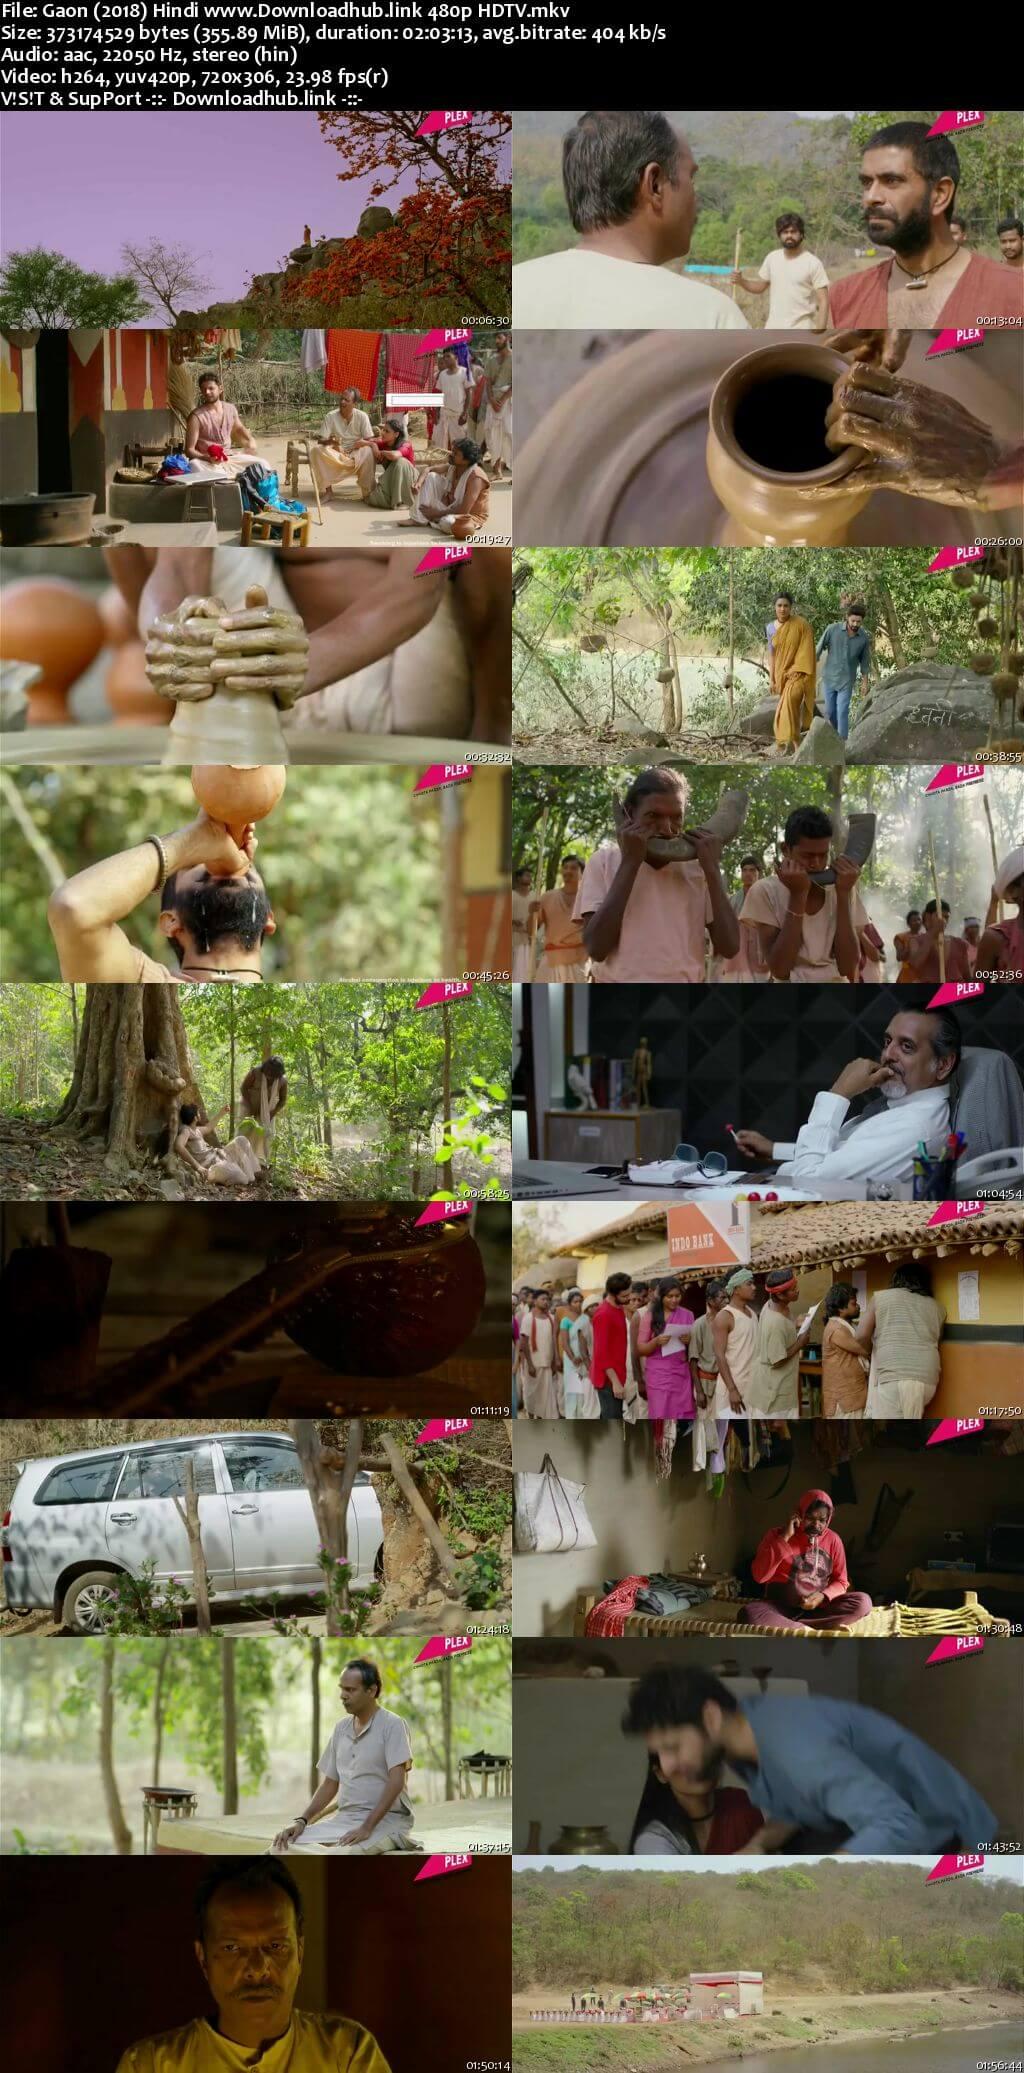 Gaon 2018 Hindi 350MB HDTV 480p